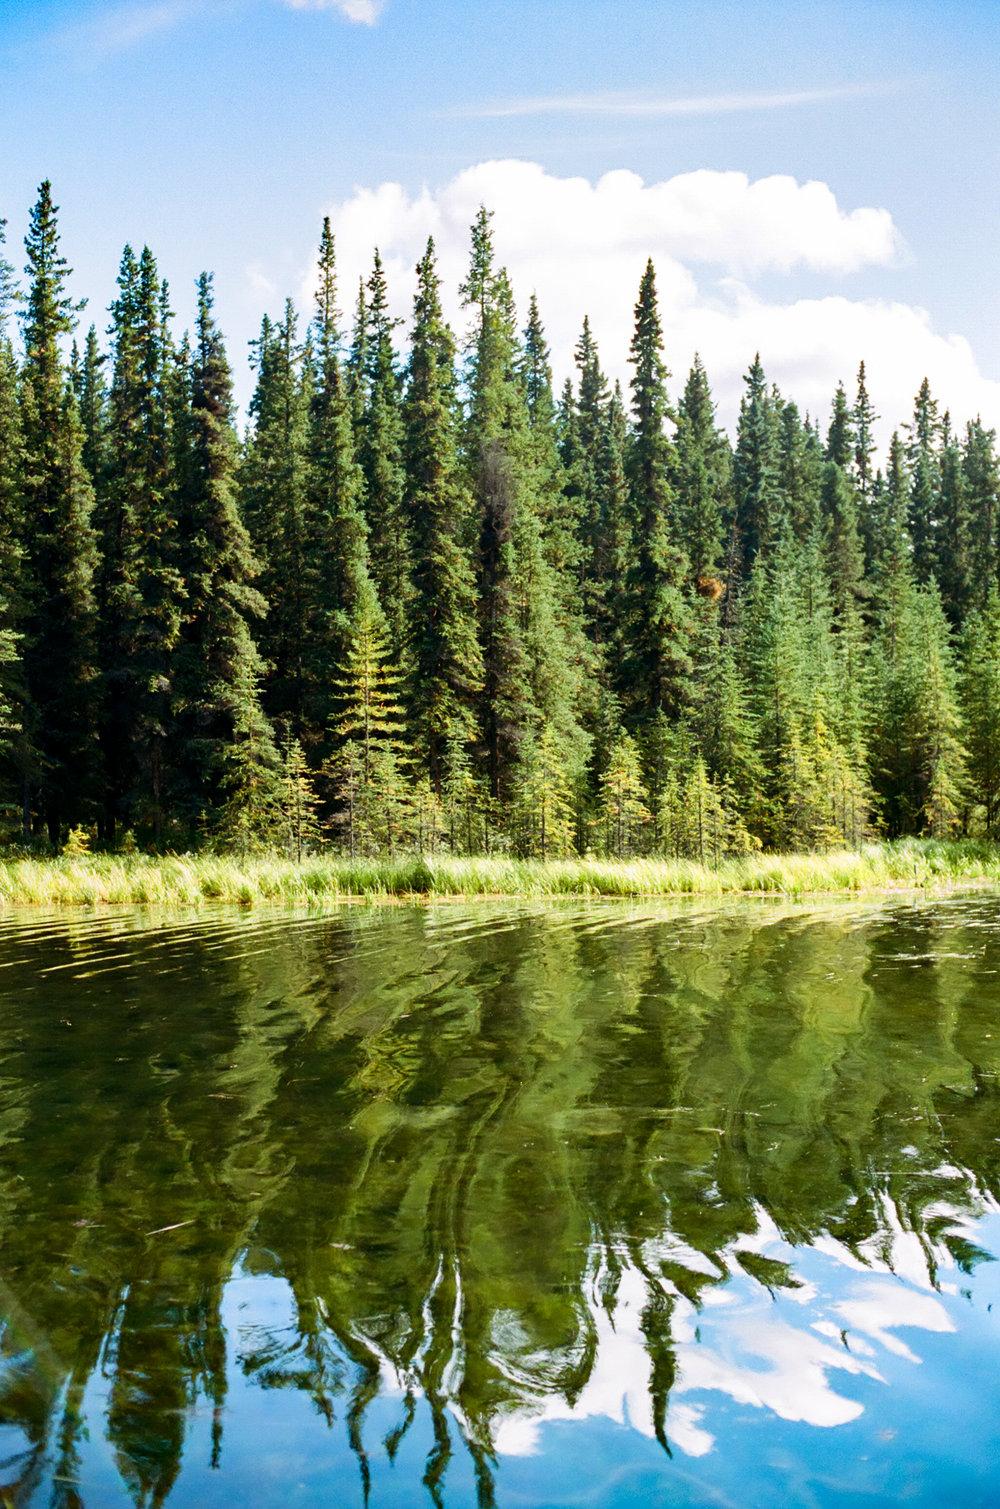 blurry lake-000131290032.jpg